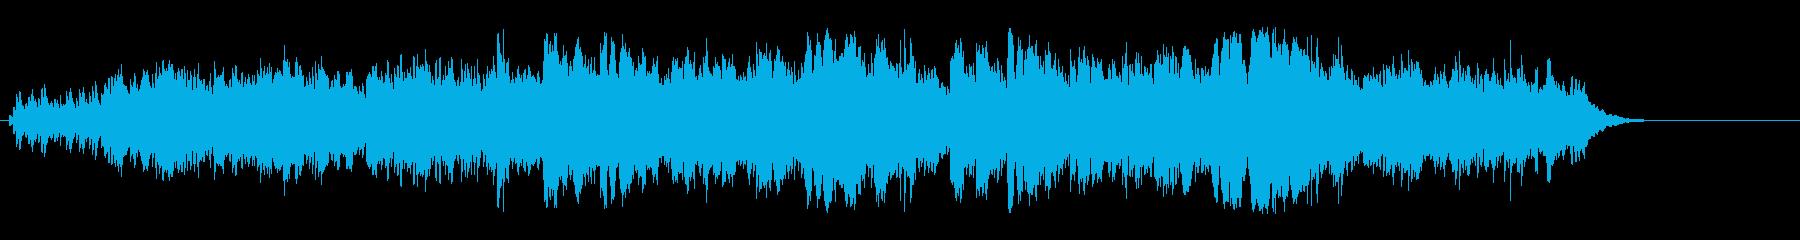 湖に月の光が青く浮かび上がる環境音楽の再生済みの波形